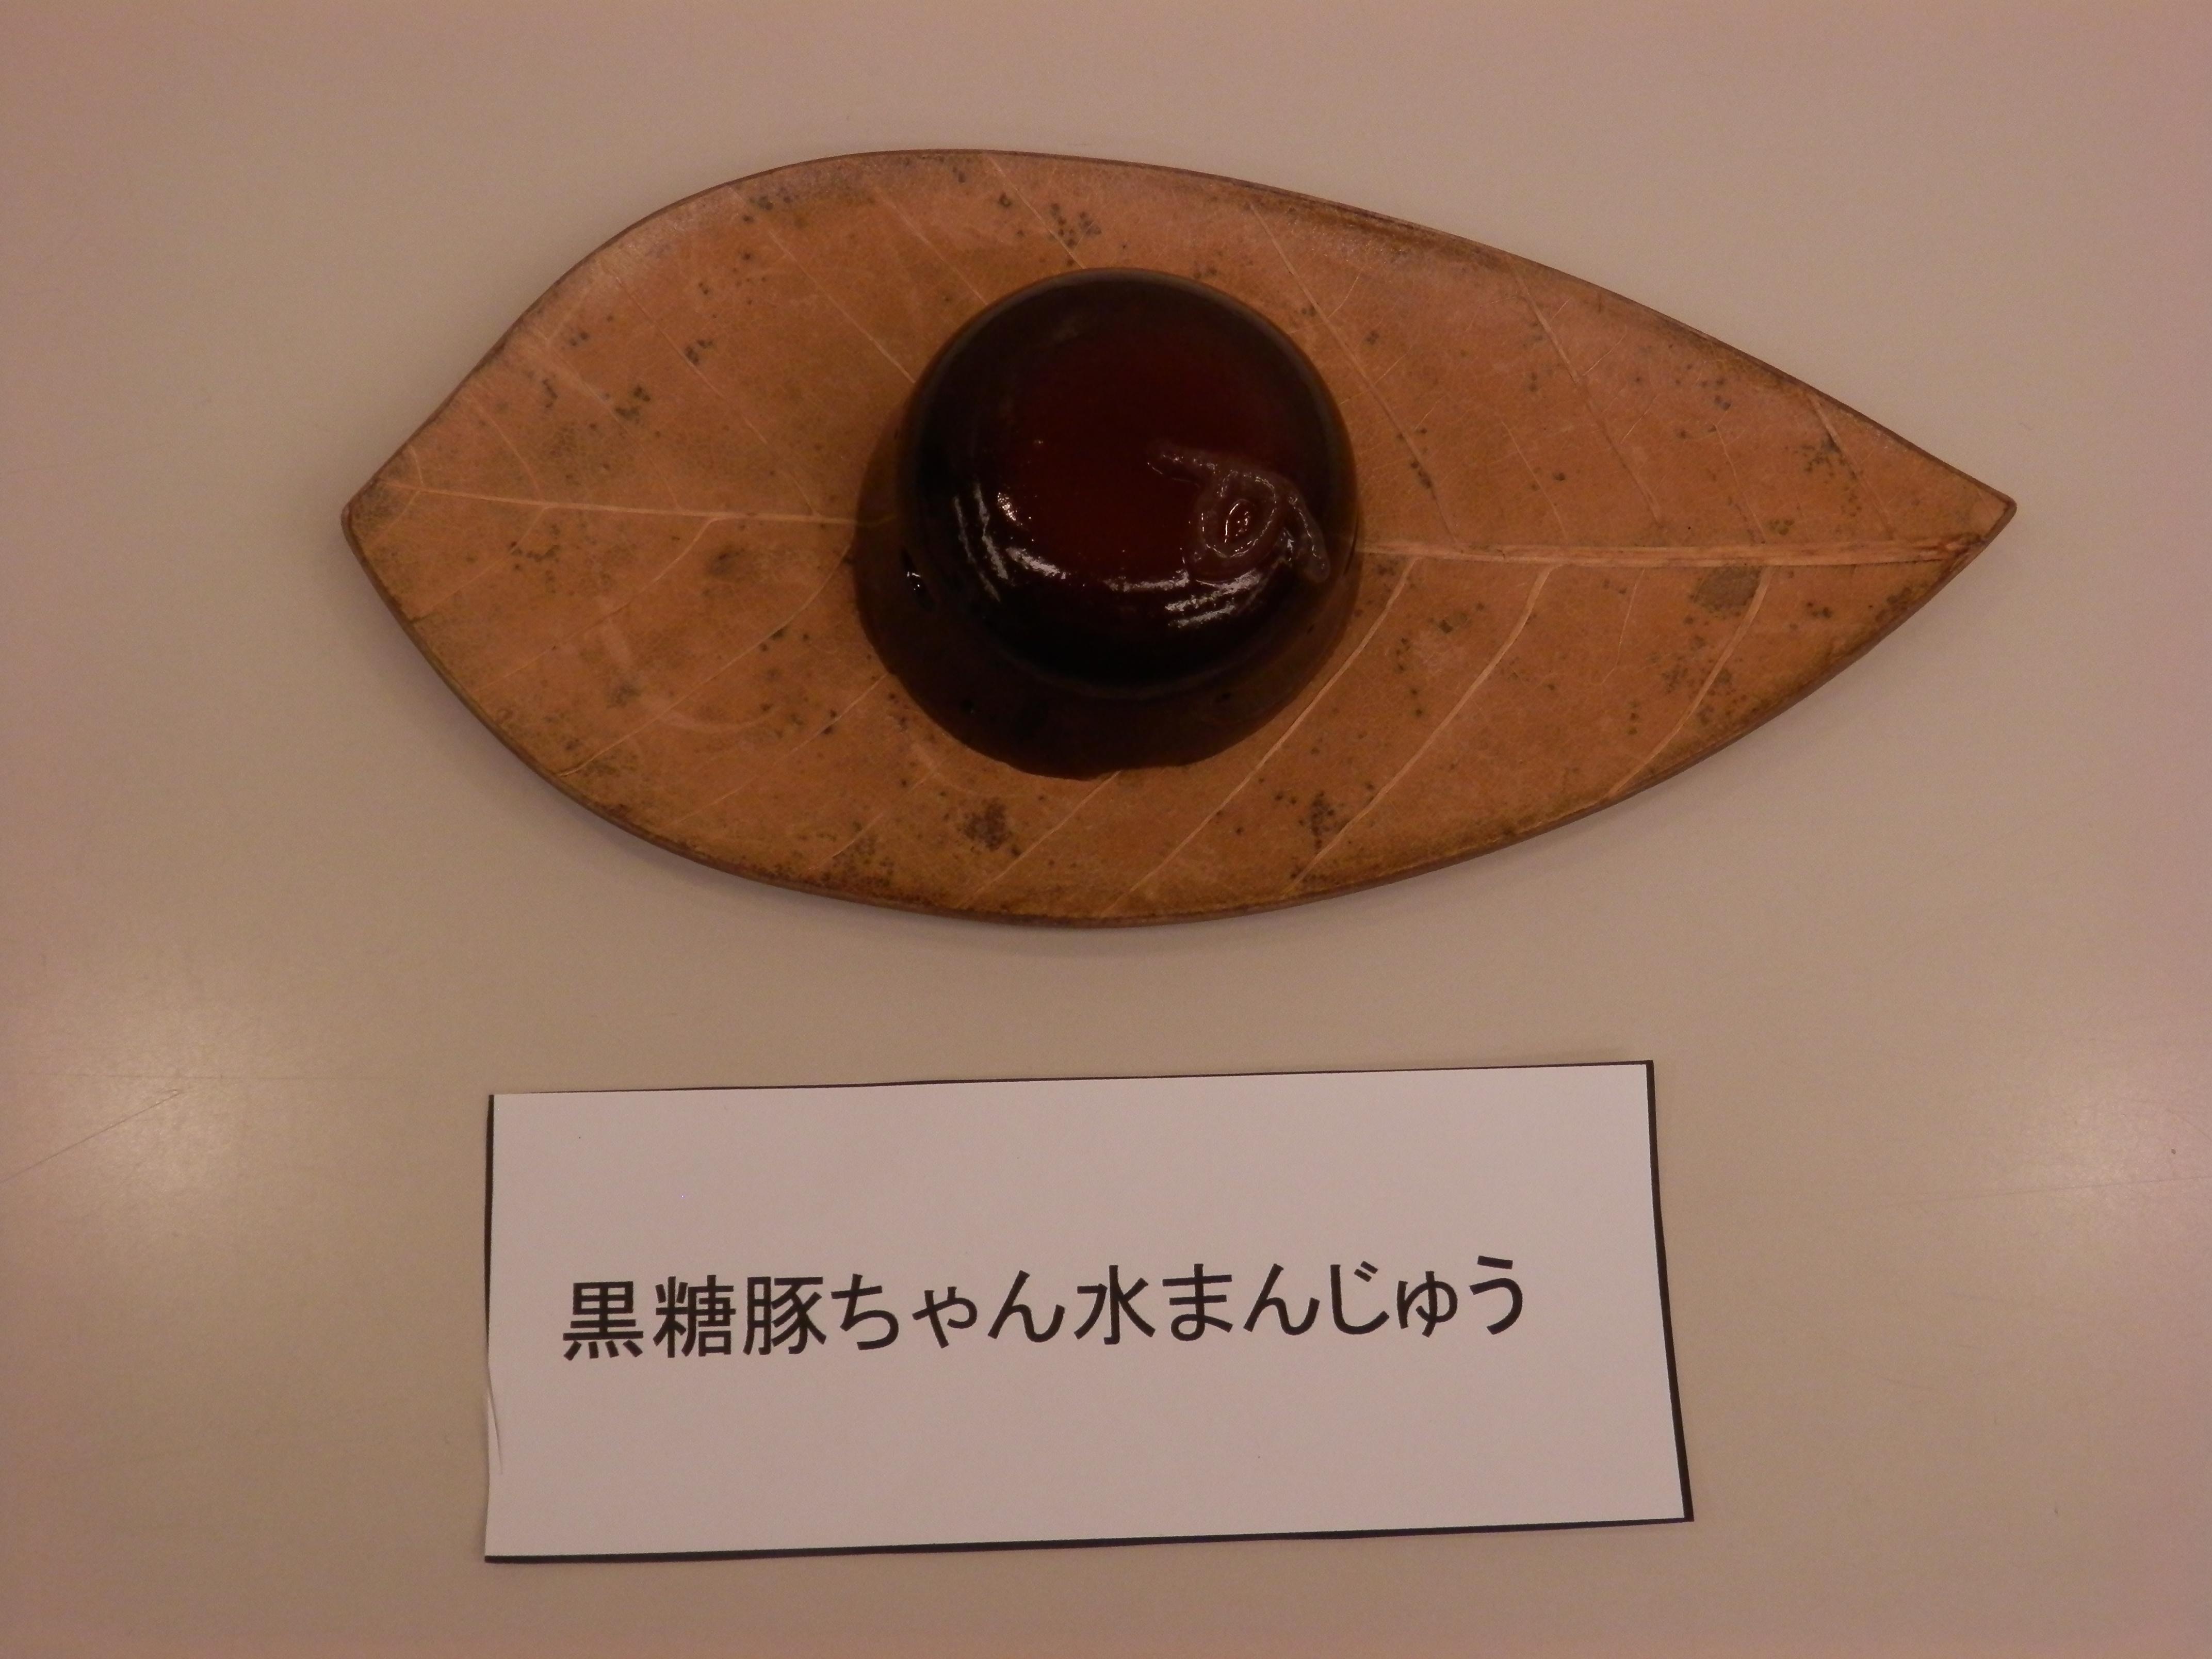 生徒の作品「黒糖豚ちゃん水まんじゅう」